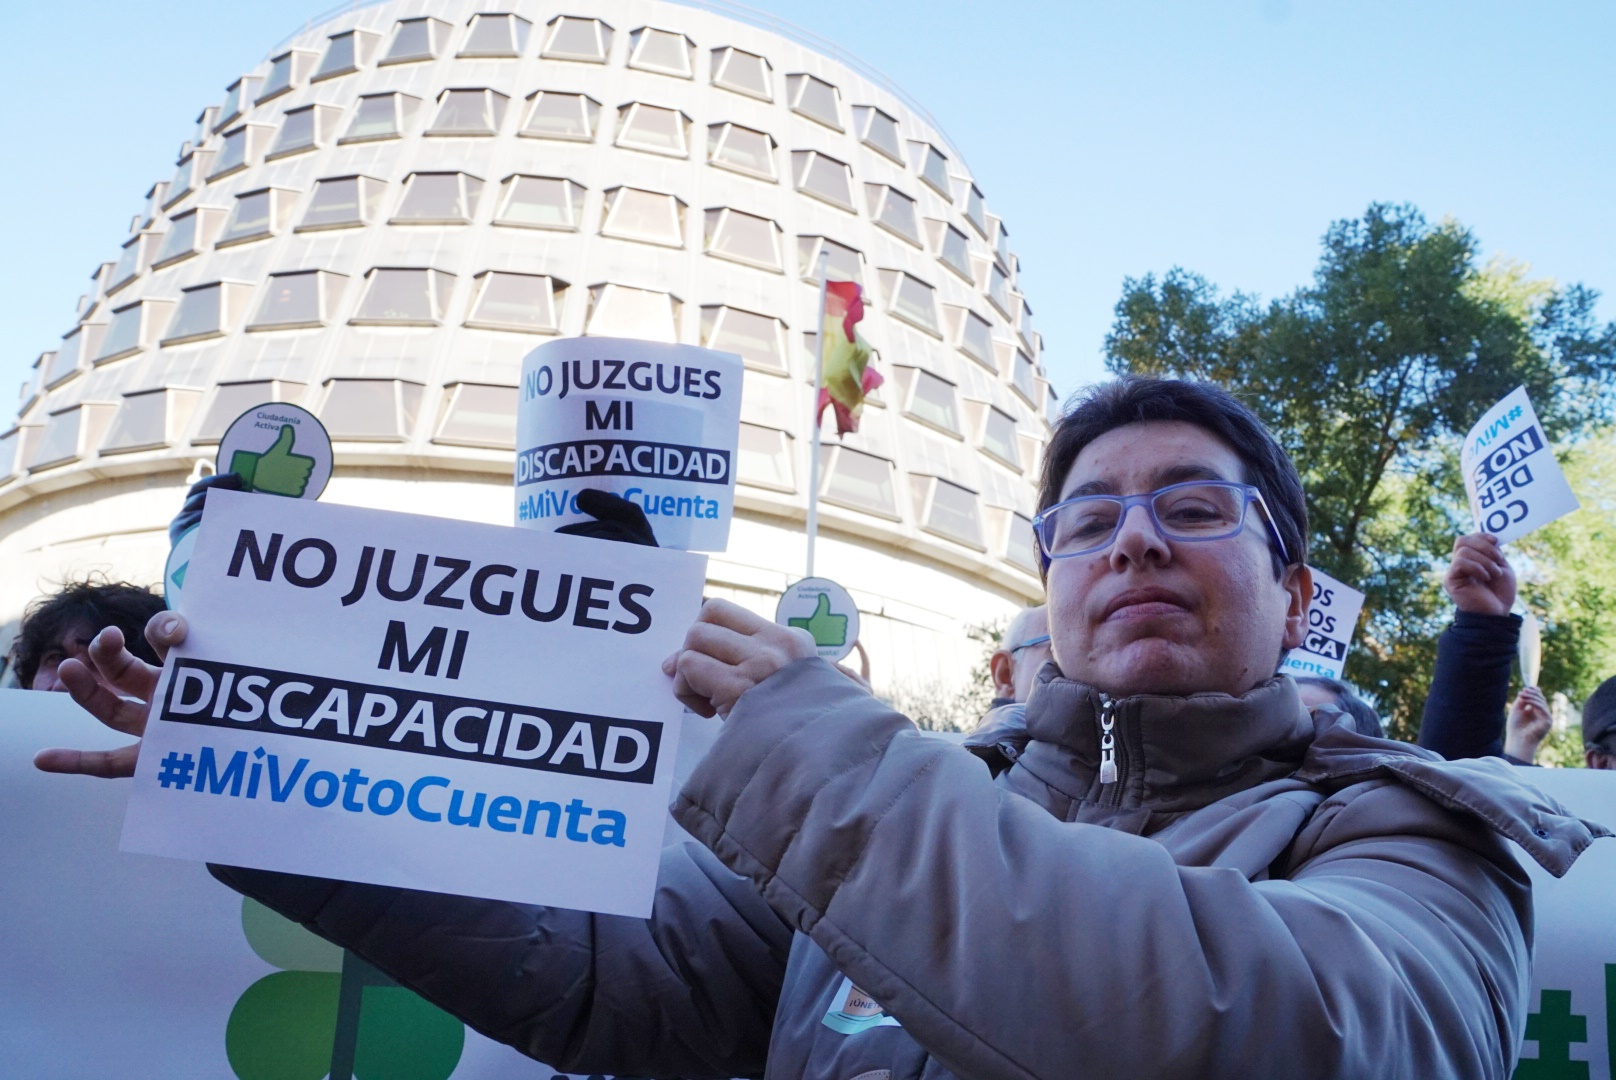 Una persona muestra un cartel que dice: no juzgues mi discapacidad, mi voto cuenta